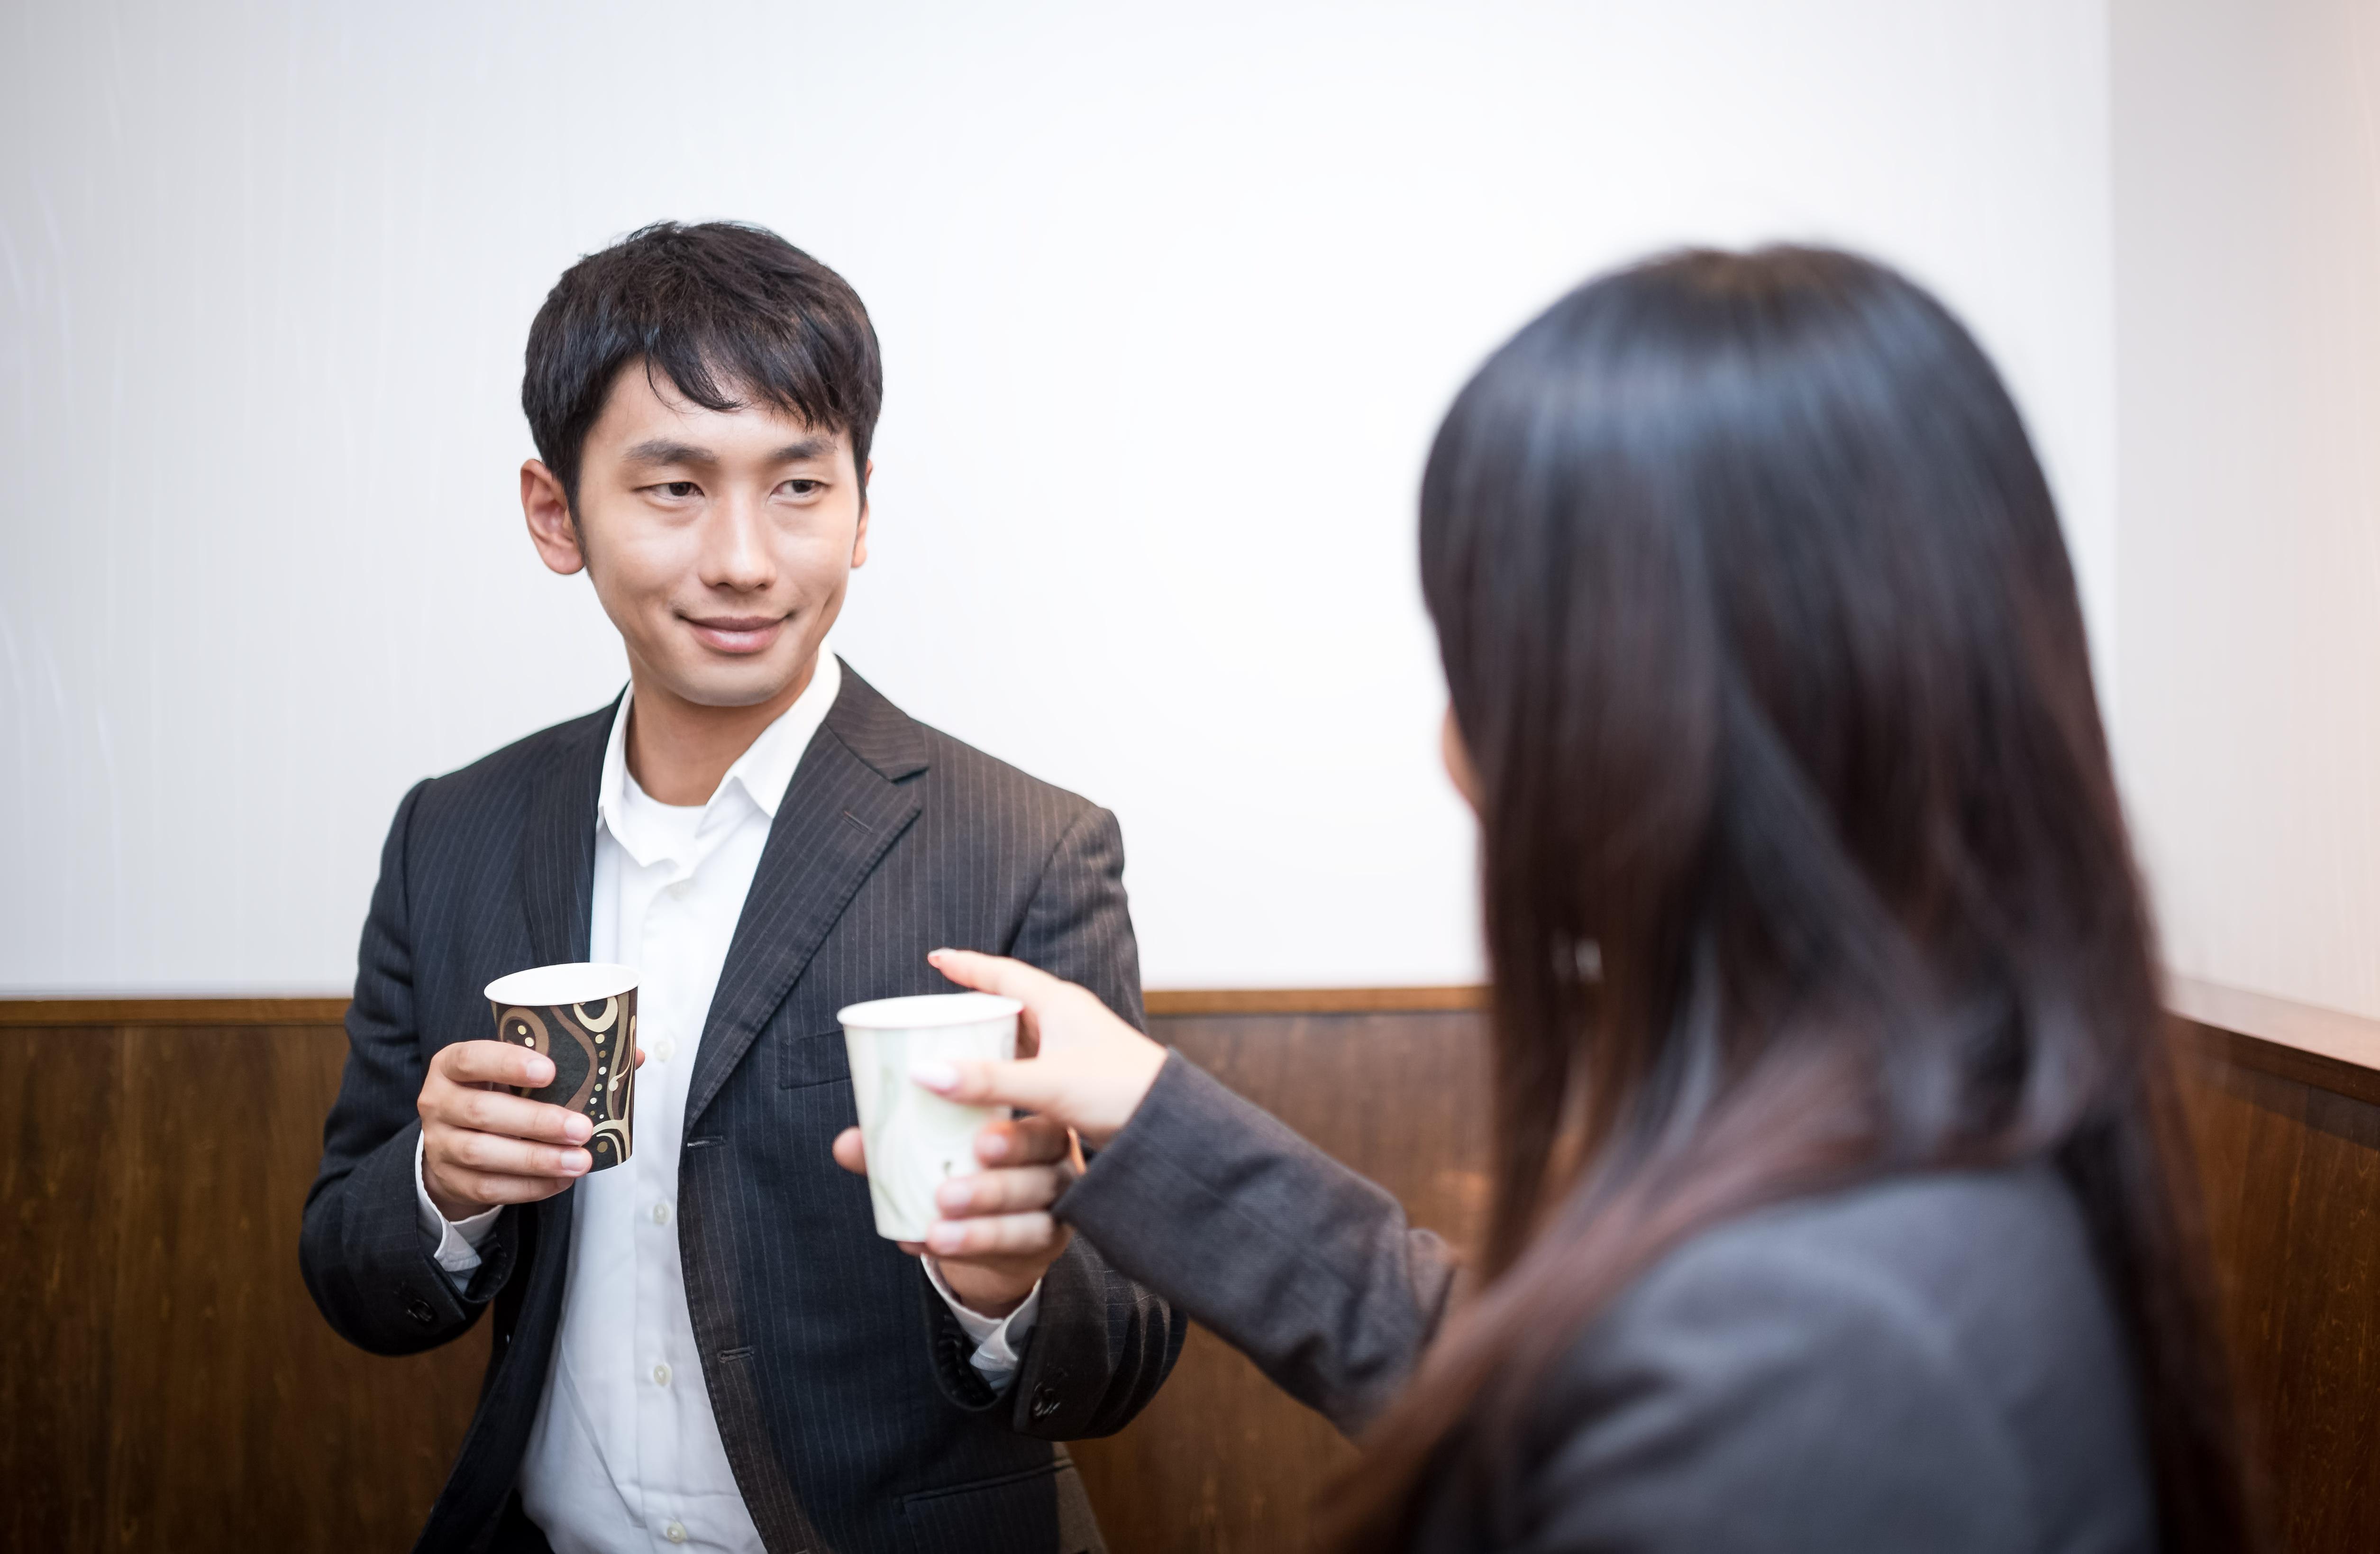 コーヒー片手に休憩する男女